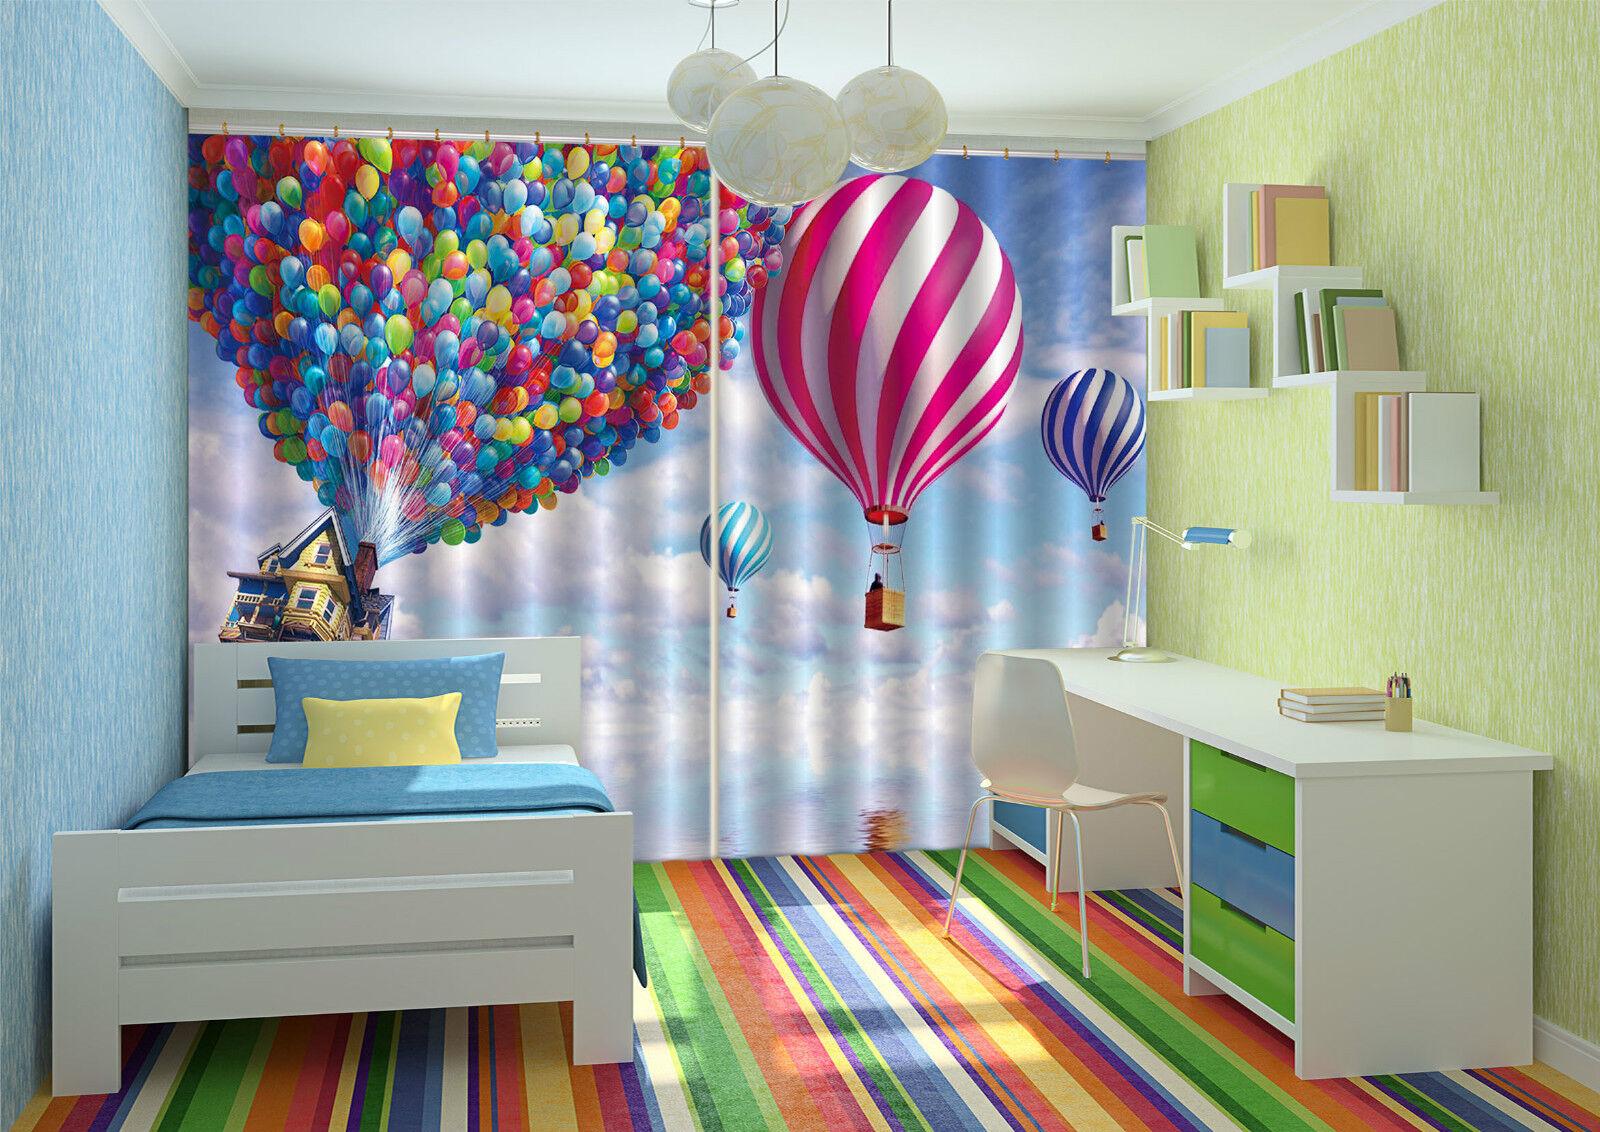 Coloreee 3d 438 palloncino blocco foto sipario pressione sipario tende tessuto finestra de